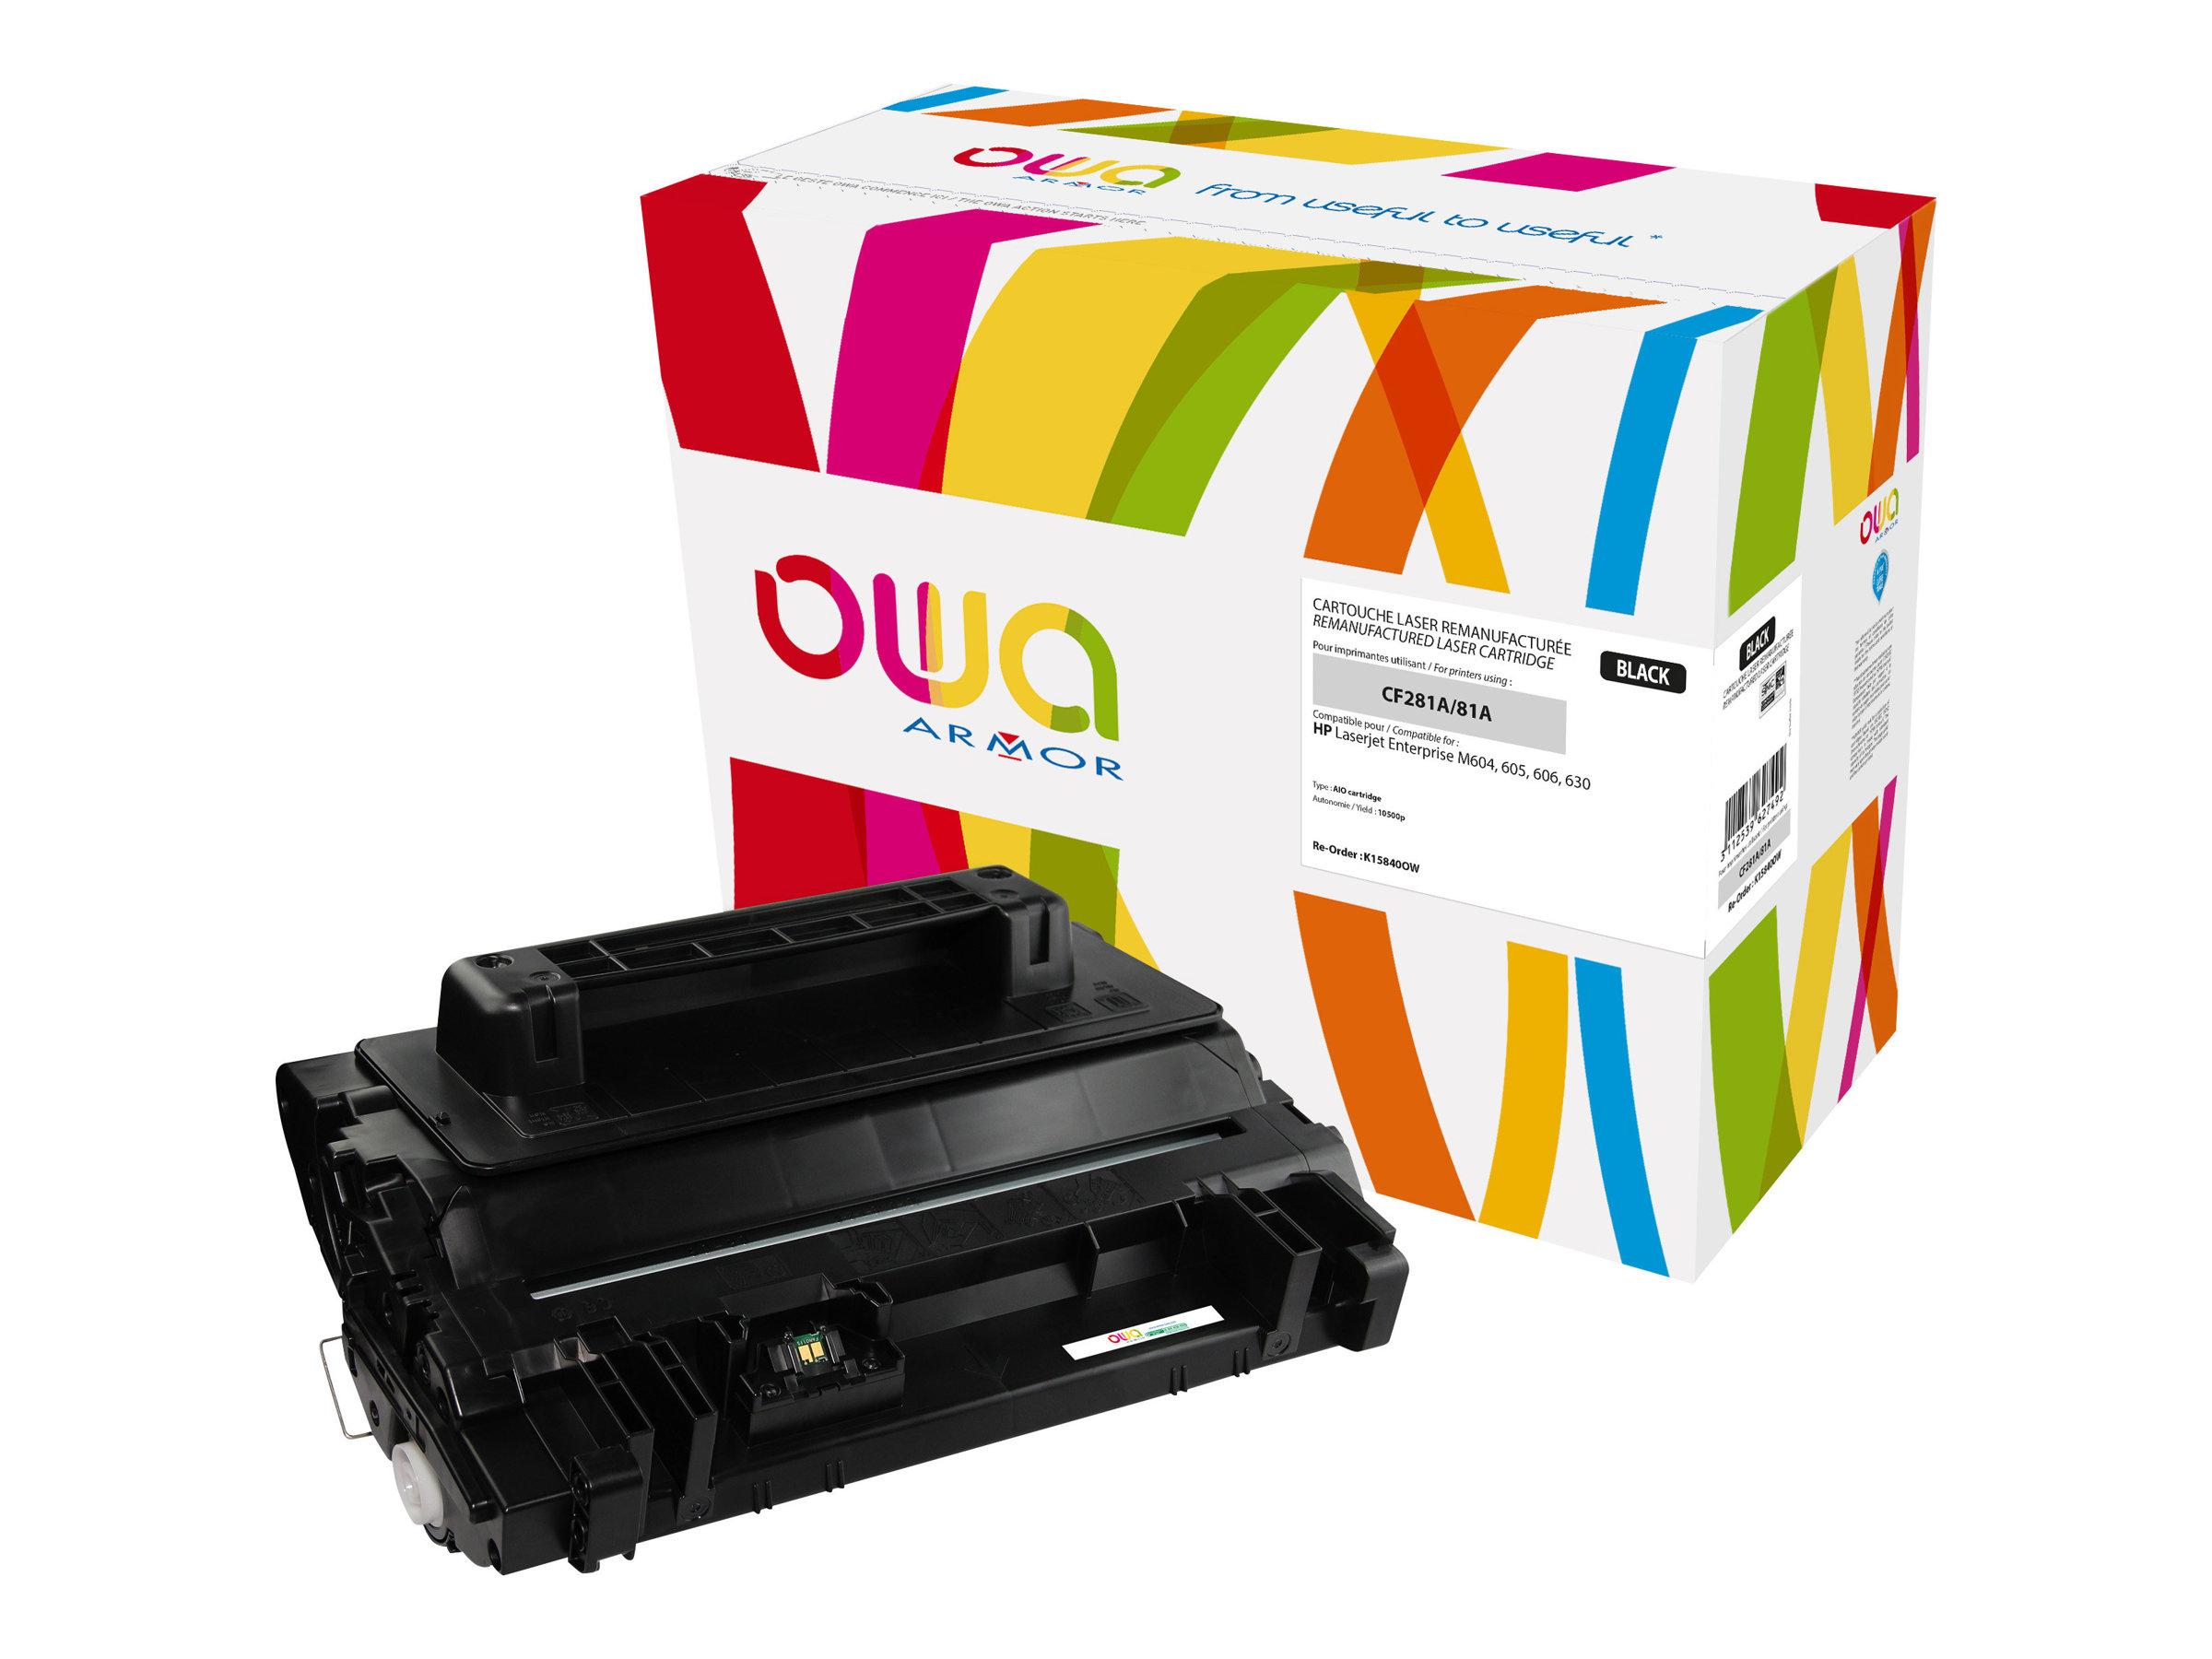 HP 81A - remanufacturé Owa K15840OW - noir - cartouche laser